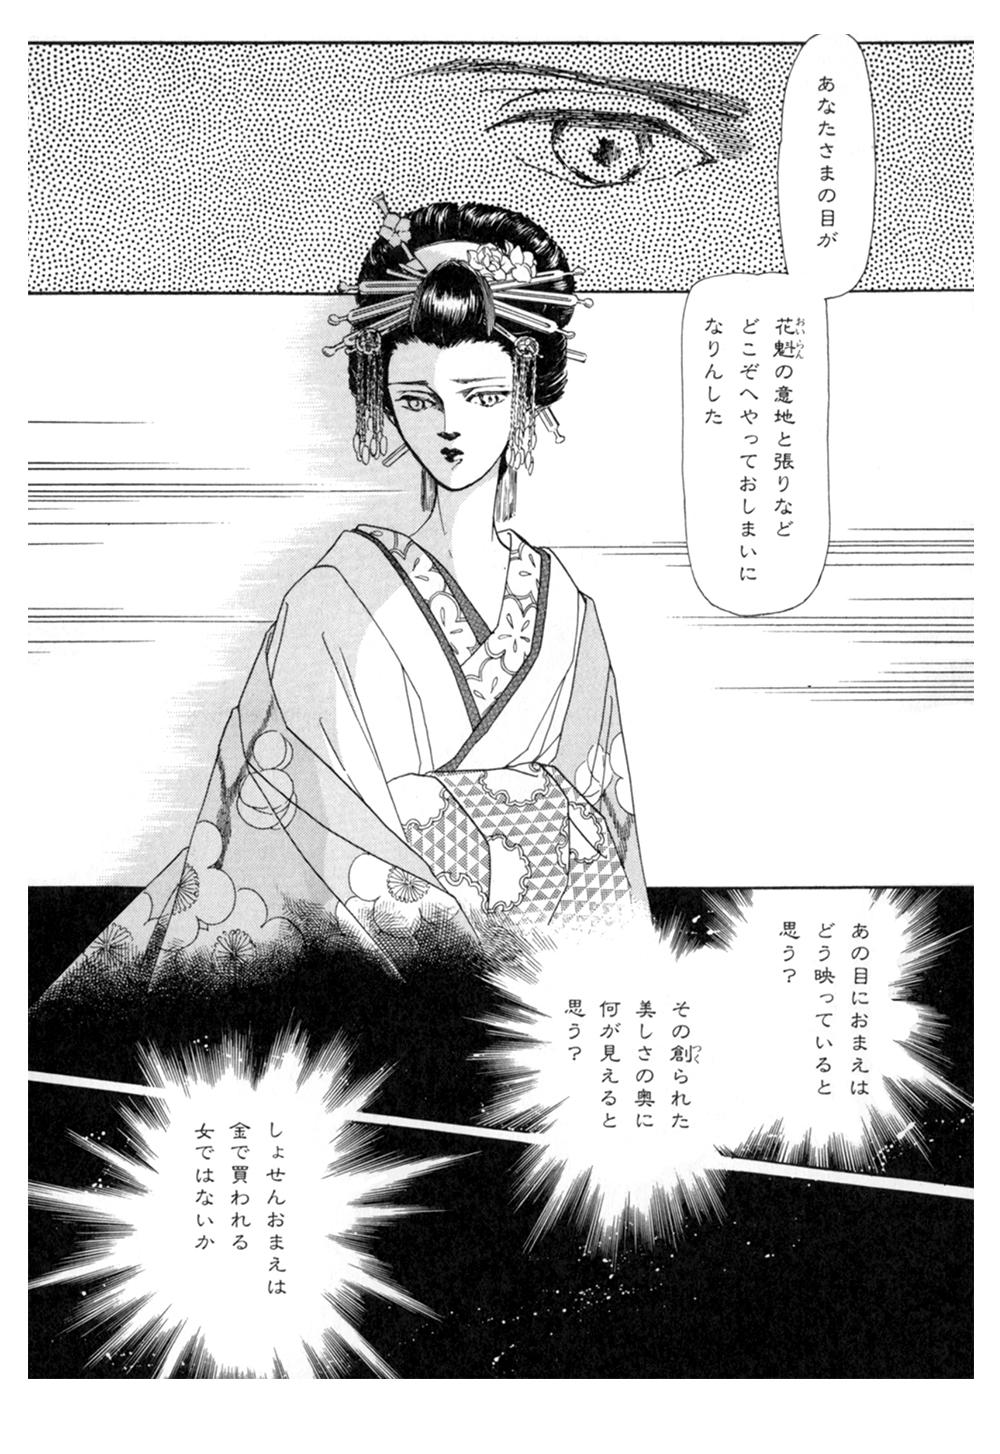 雨柳堂夢咄 第5話「花に暮れる」2uryudo-02-133.jpg